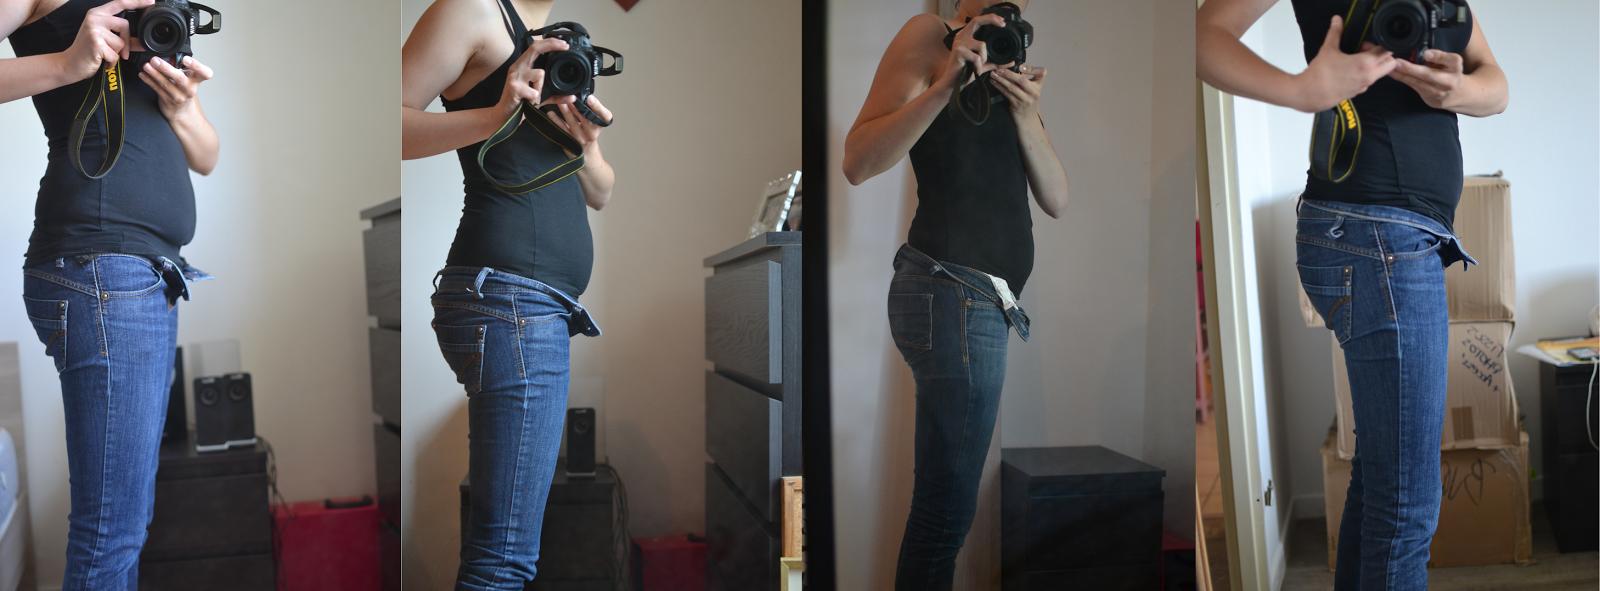 julie charlotte evolution top body challenge fin des 6 semaines. Black Bedroom Furniture Sets. Home Design Ideas